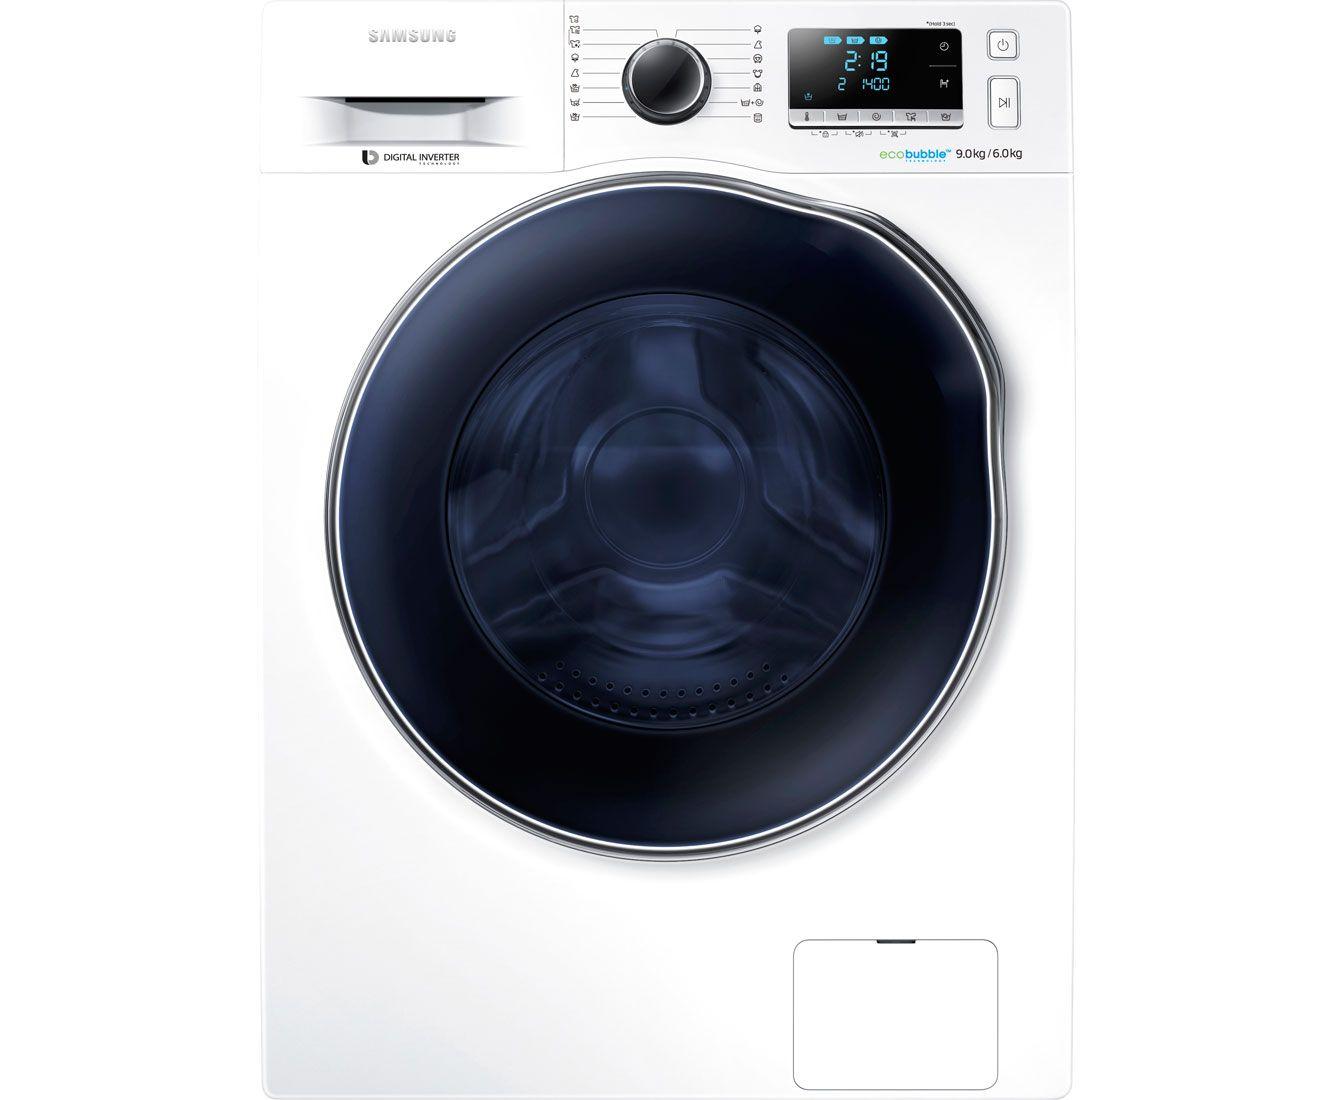 Aeg Kühlschrank Rtb91531aw : Samsung wd90j6400aw waschtrockner waschtrockner waschen